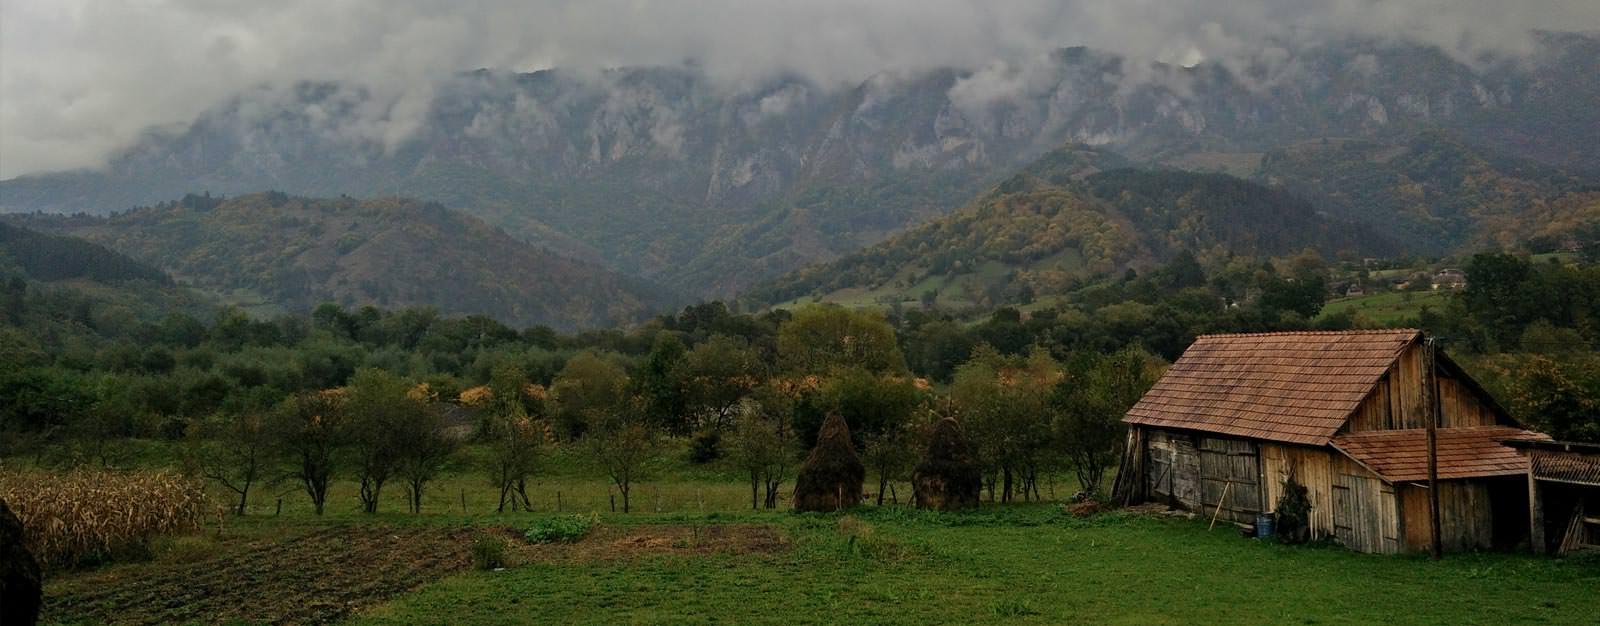 רכס הקרפטים, רומניה